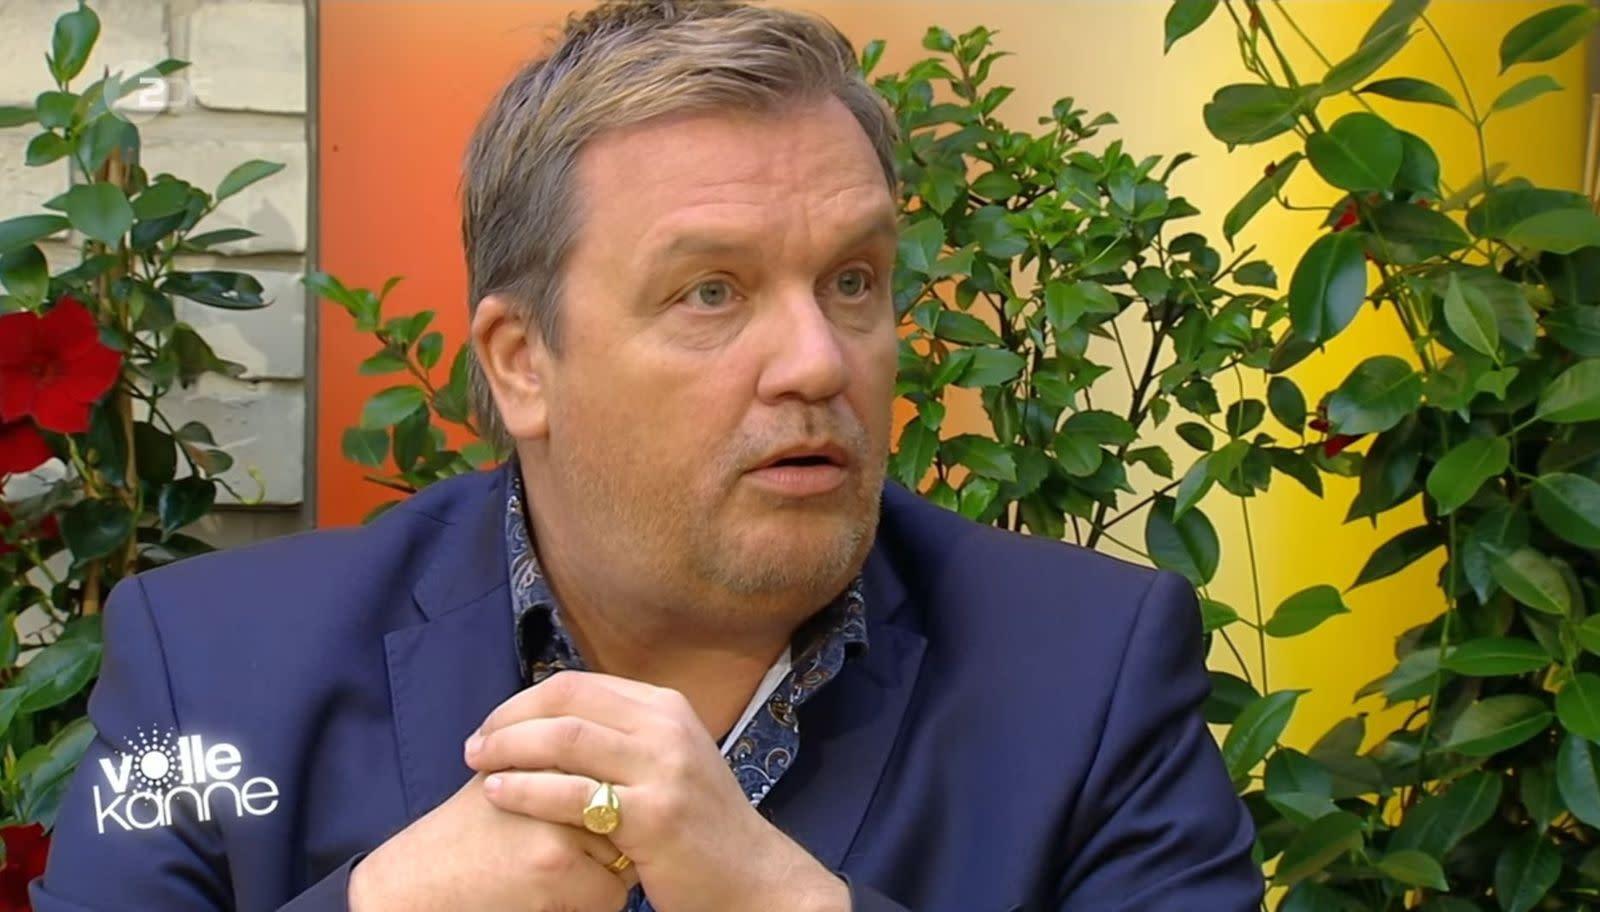 Hape Kerkeling wird im ZDF deutlich: